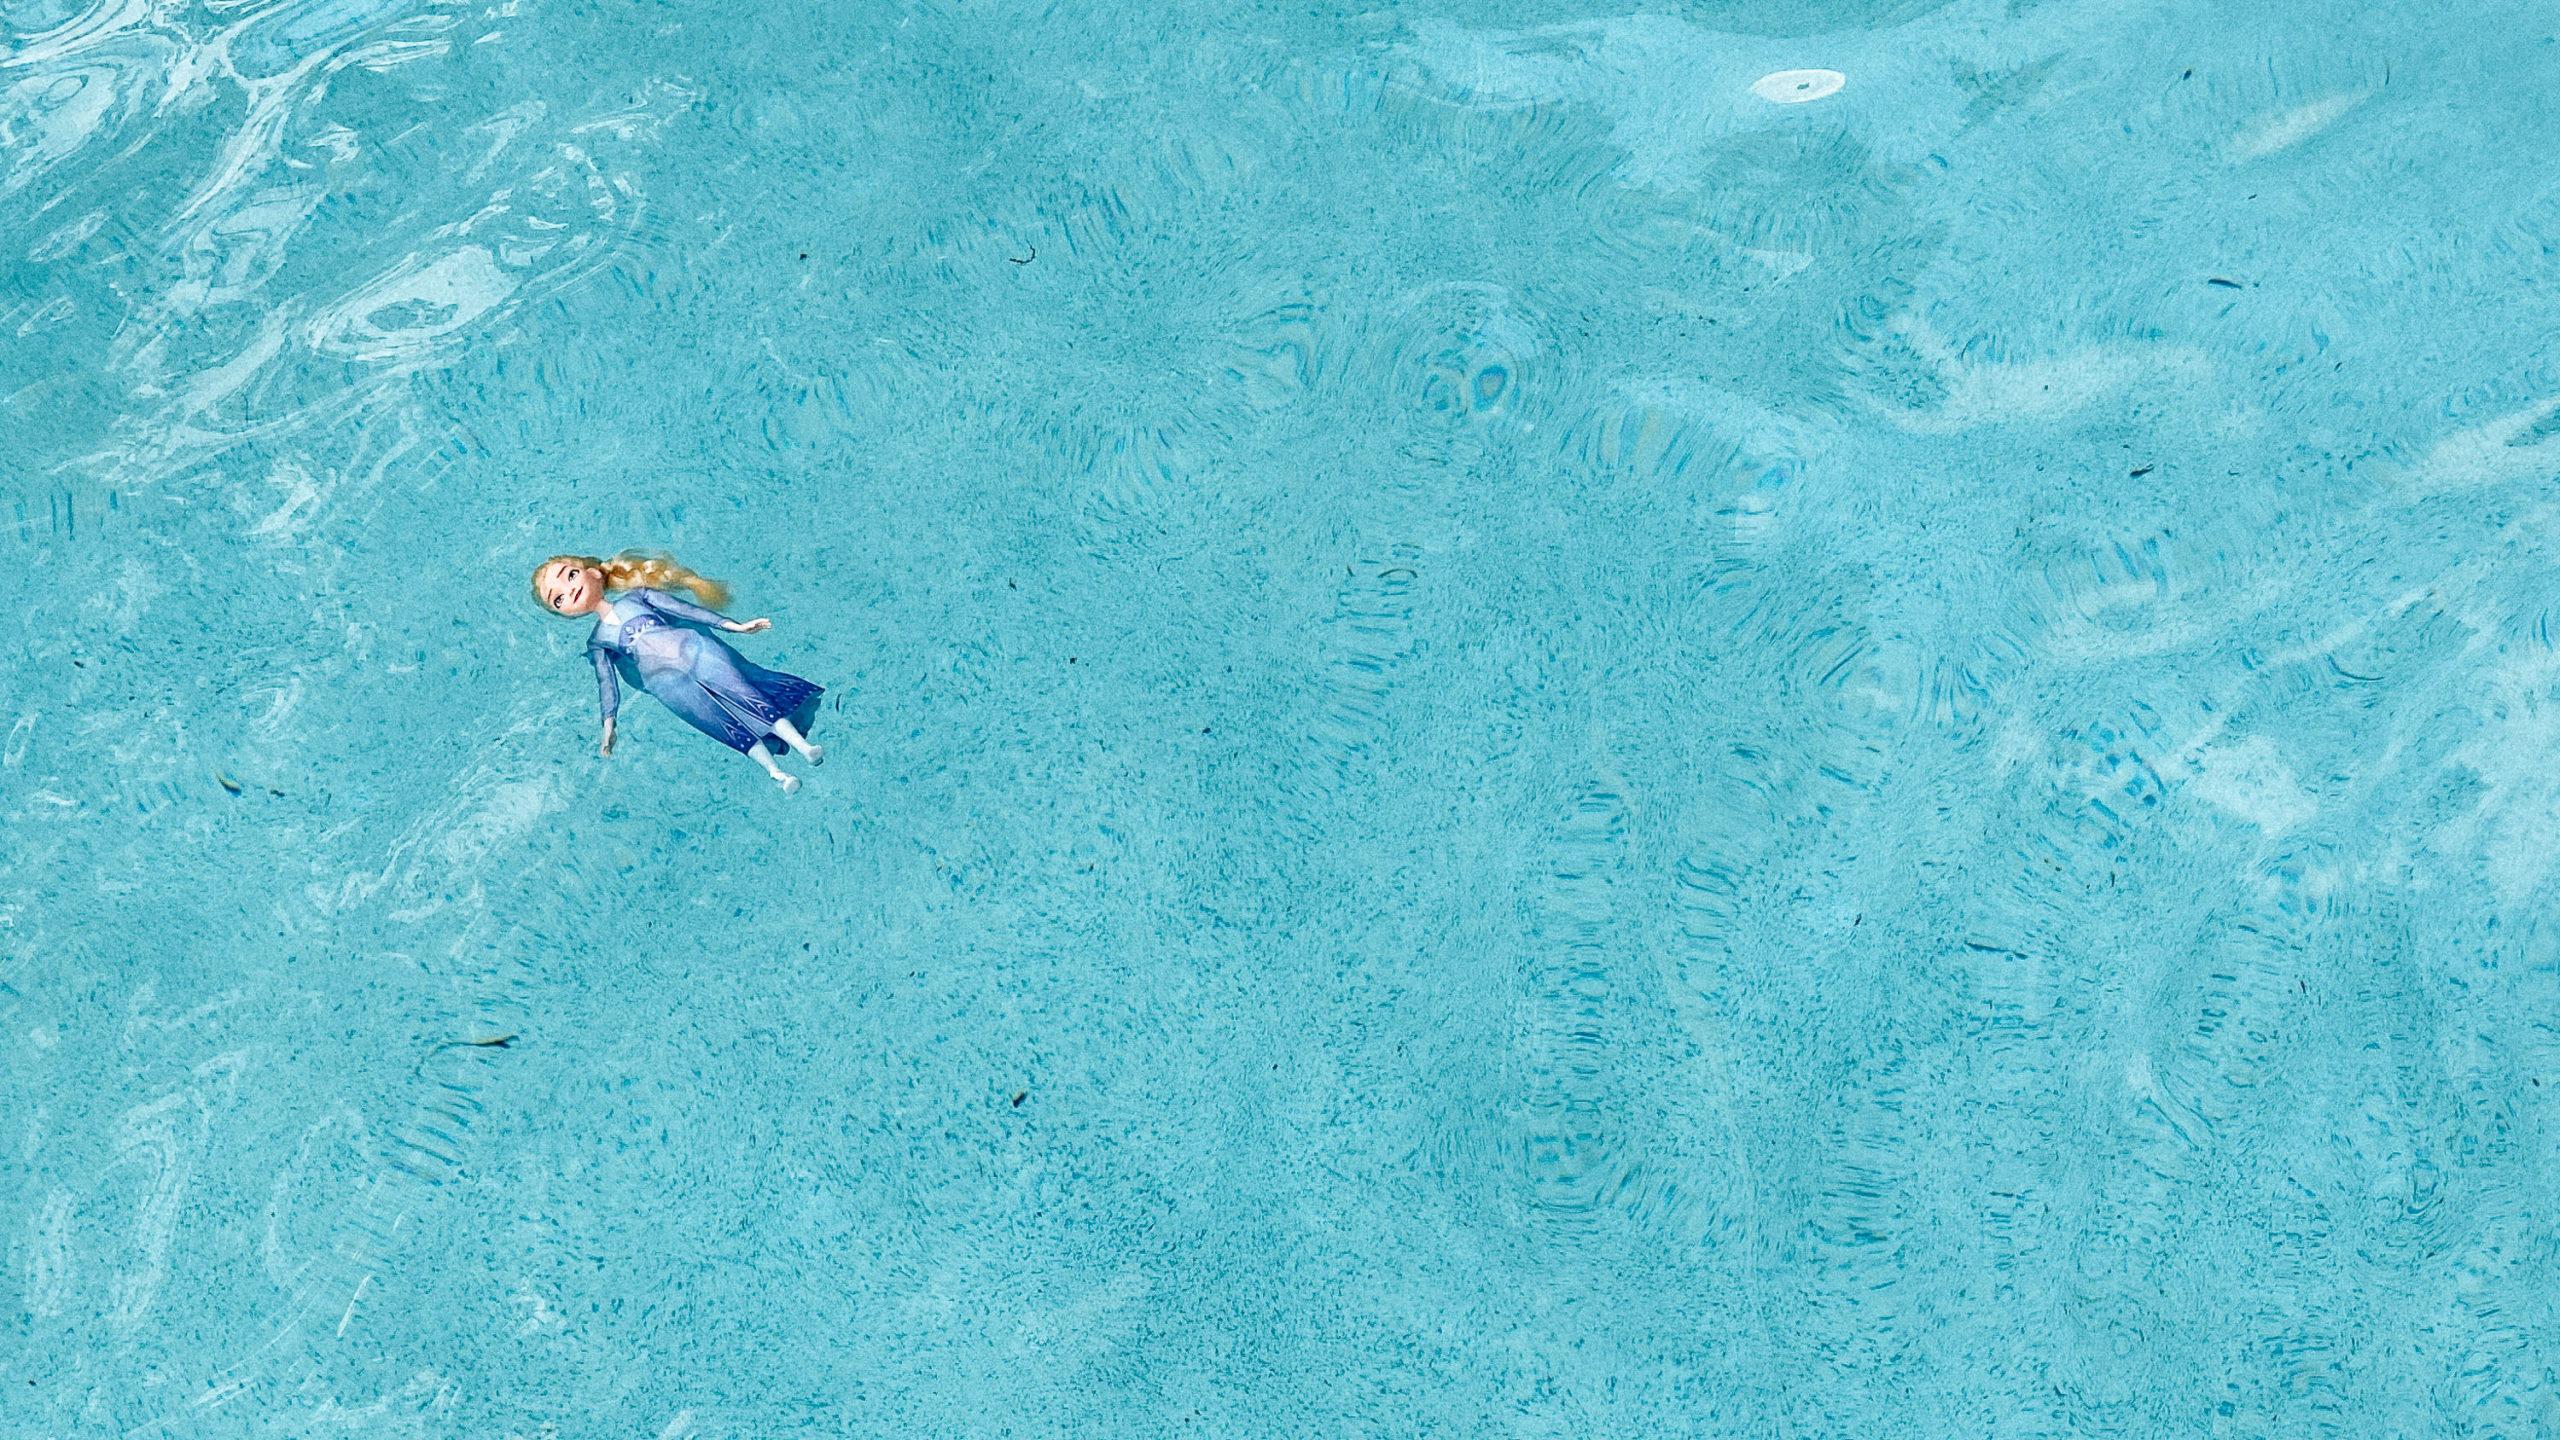 Elsa floats